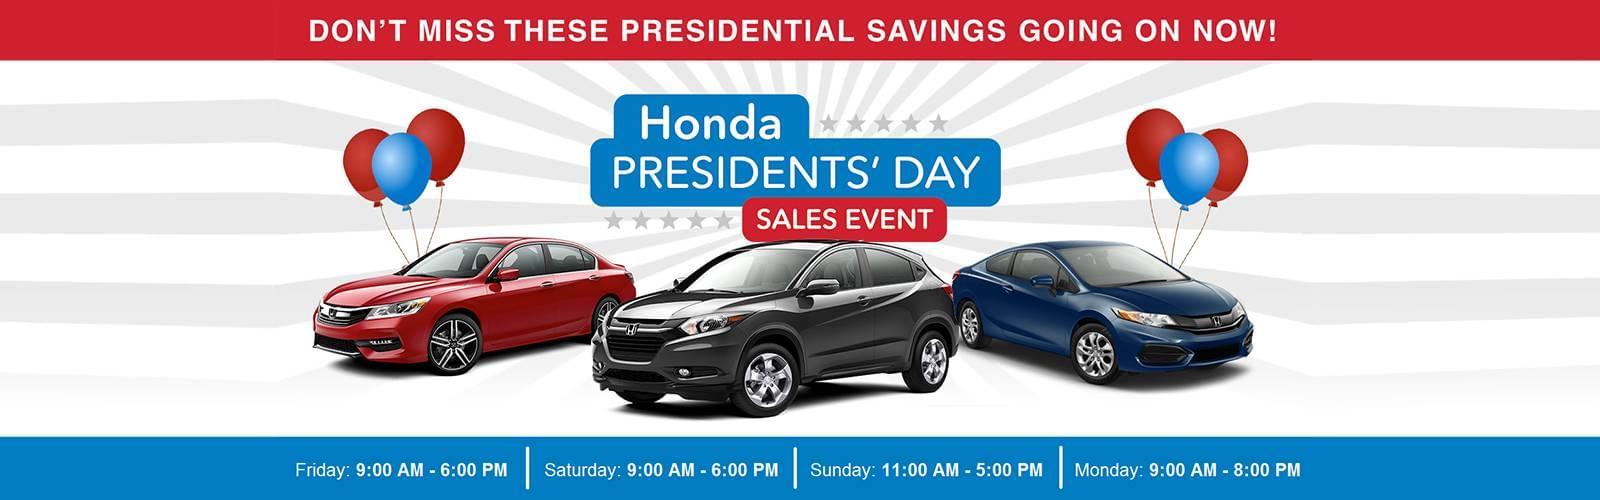 Honda_Presidents_Banner